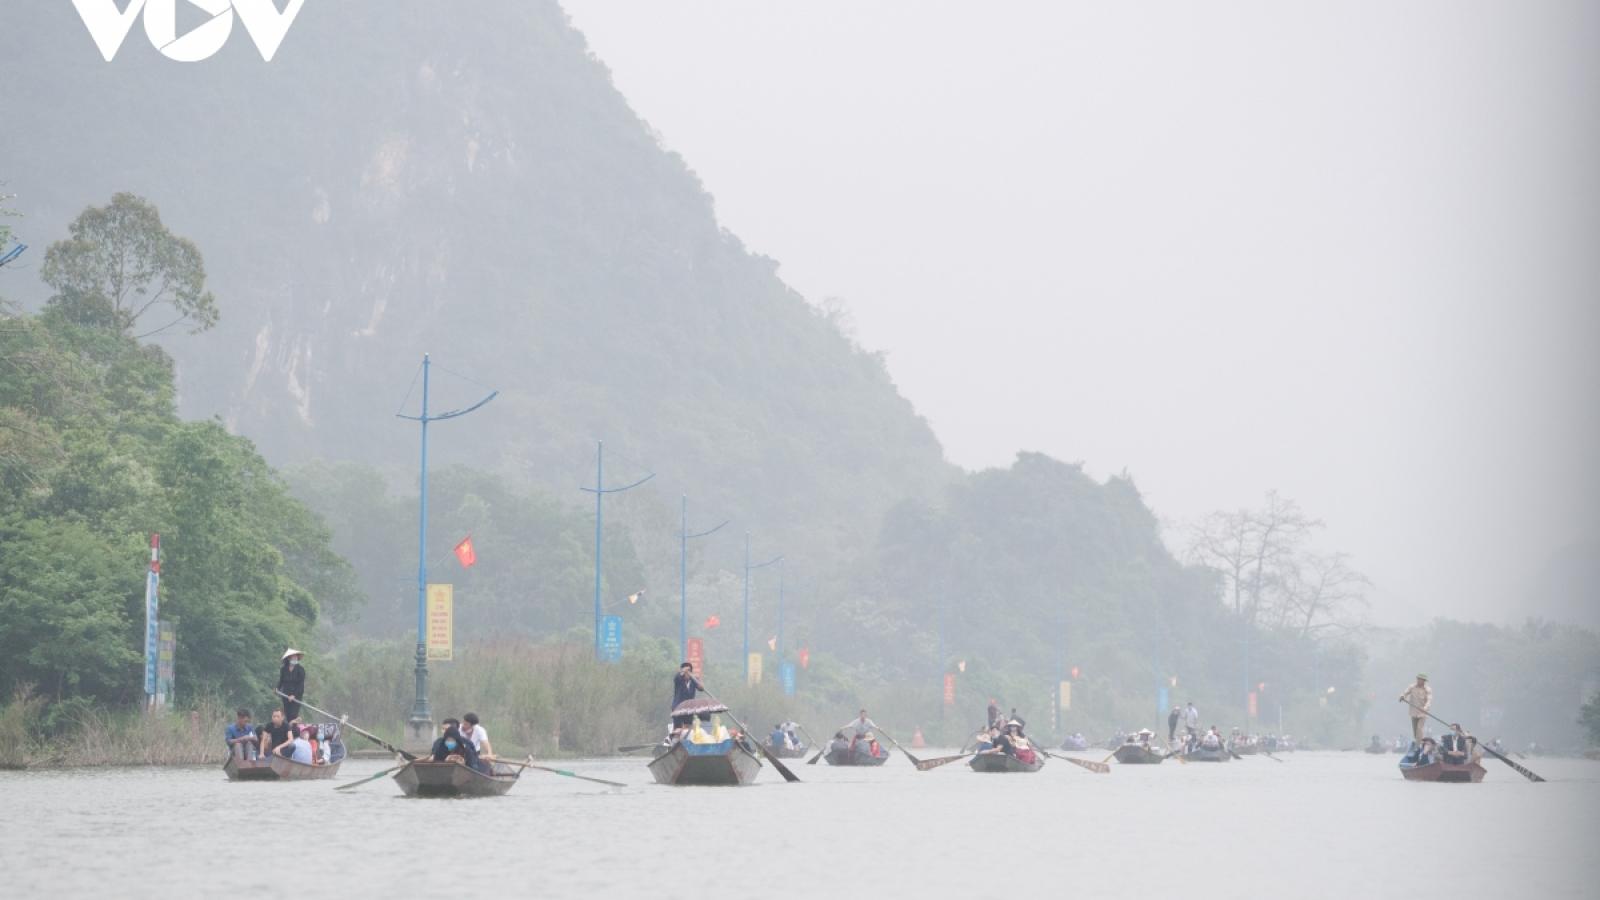 Hiểm họa từ những chuyến đò đêm chùa Hương